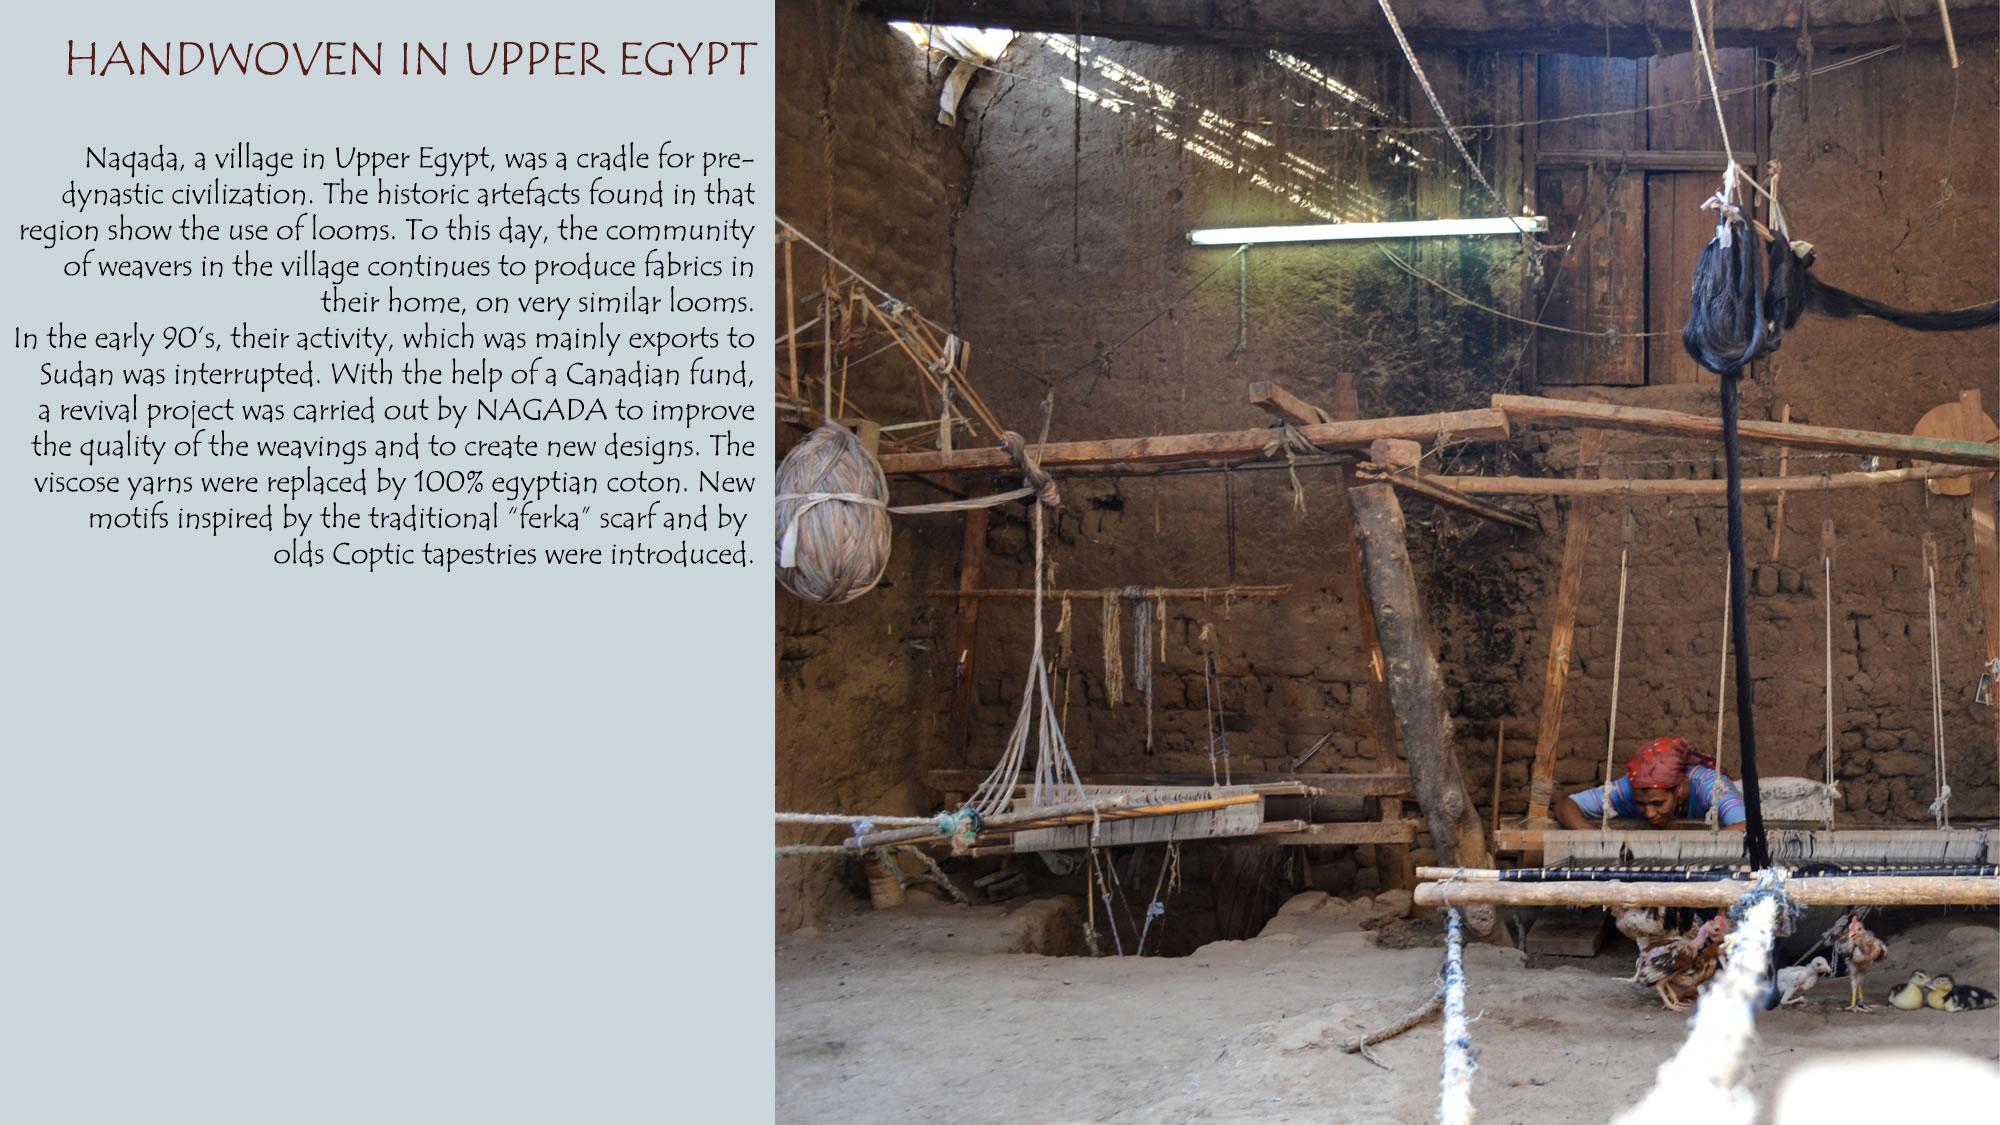 9 handwoven upper egypt 2000.jpg